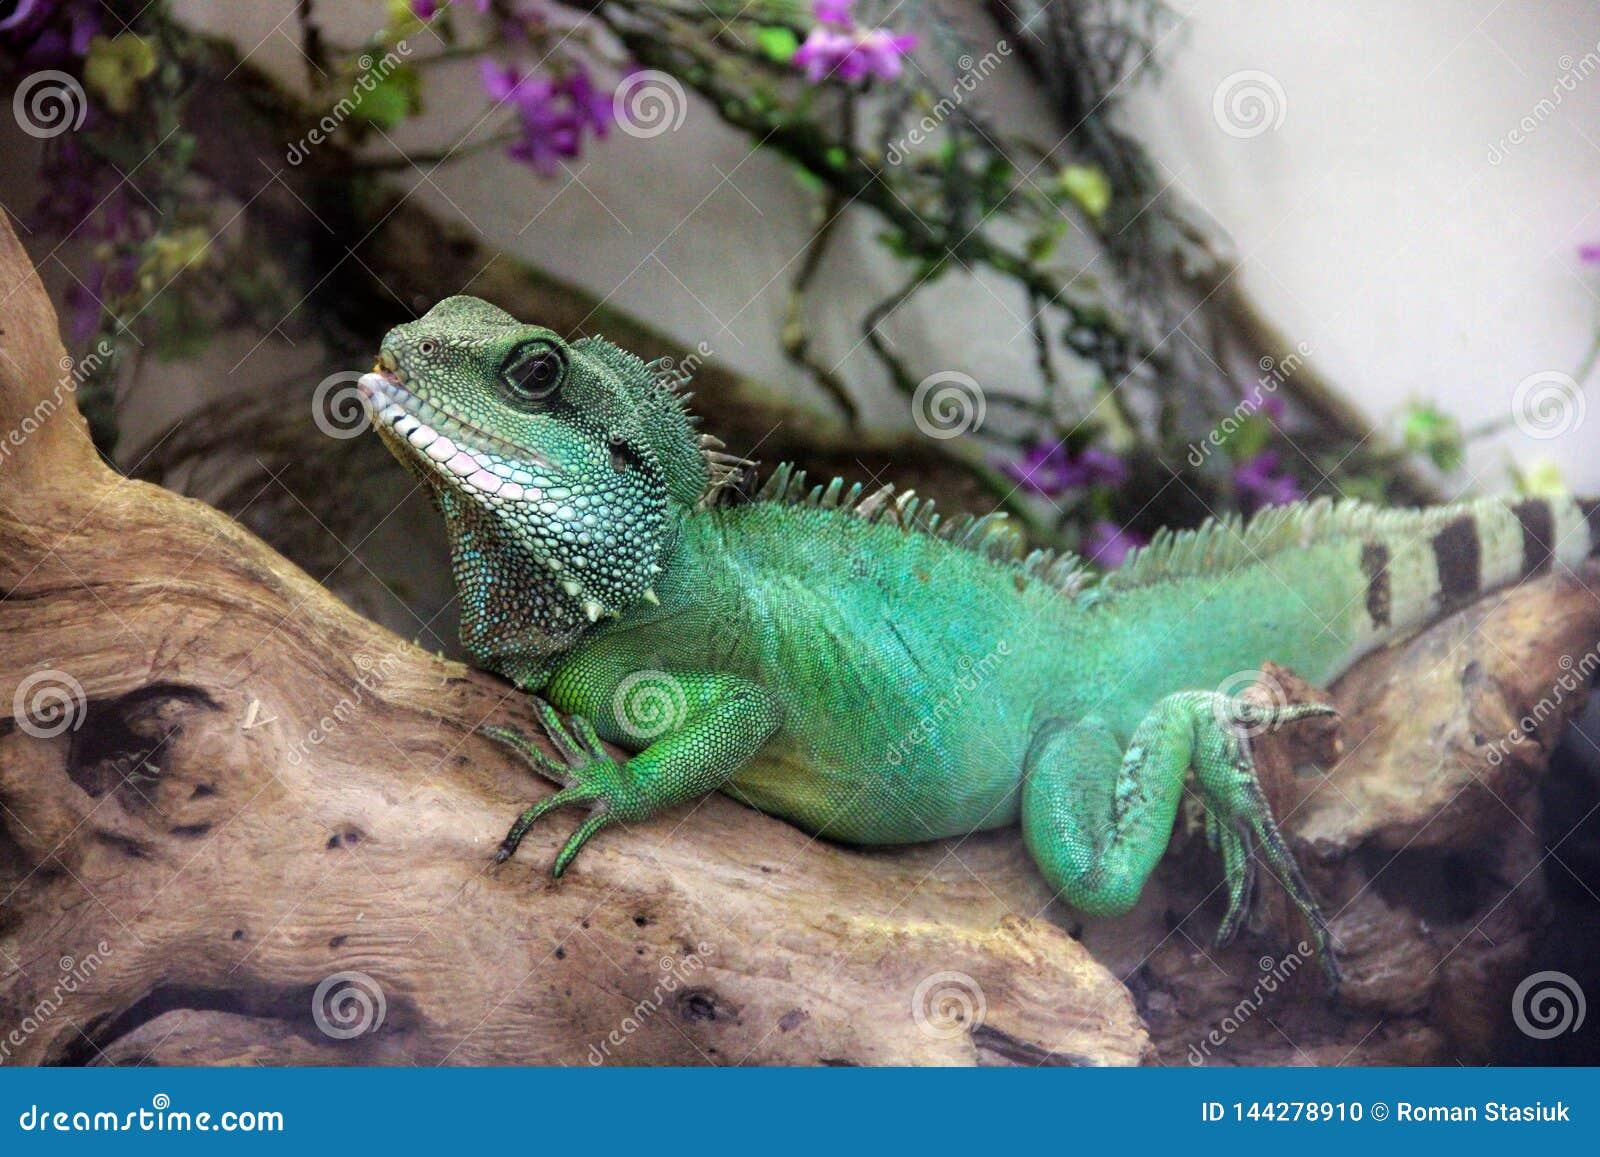 Big lizard in terrarium